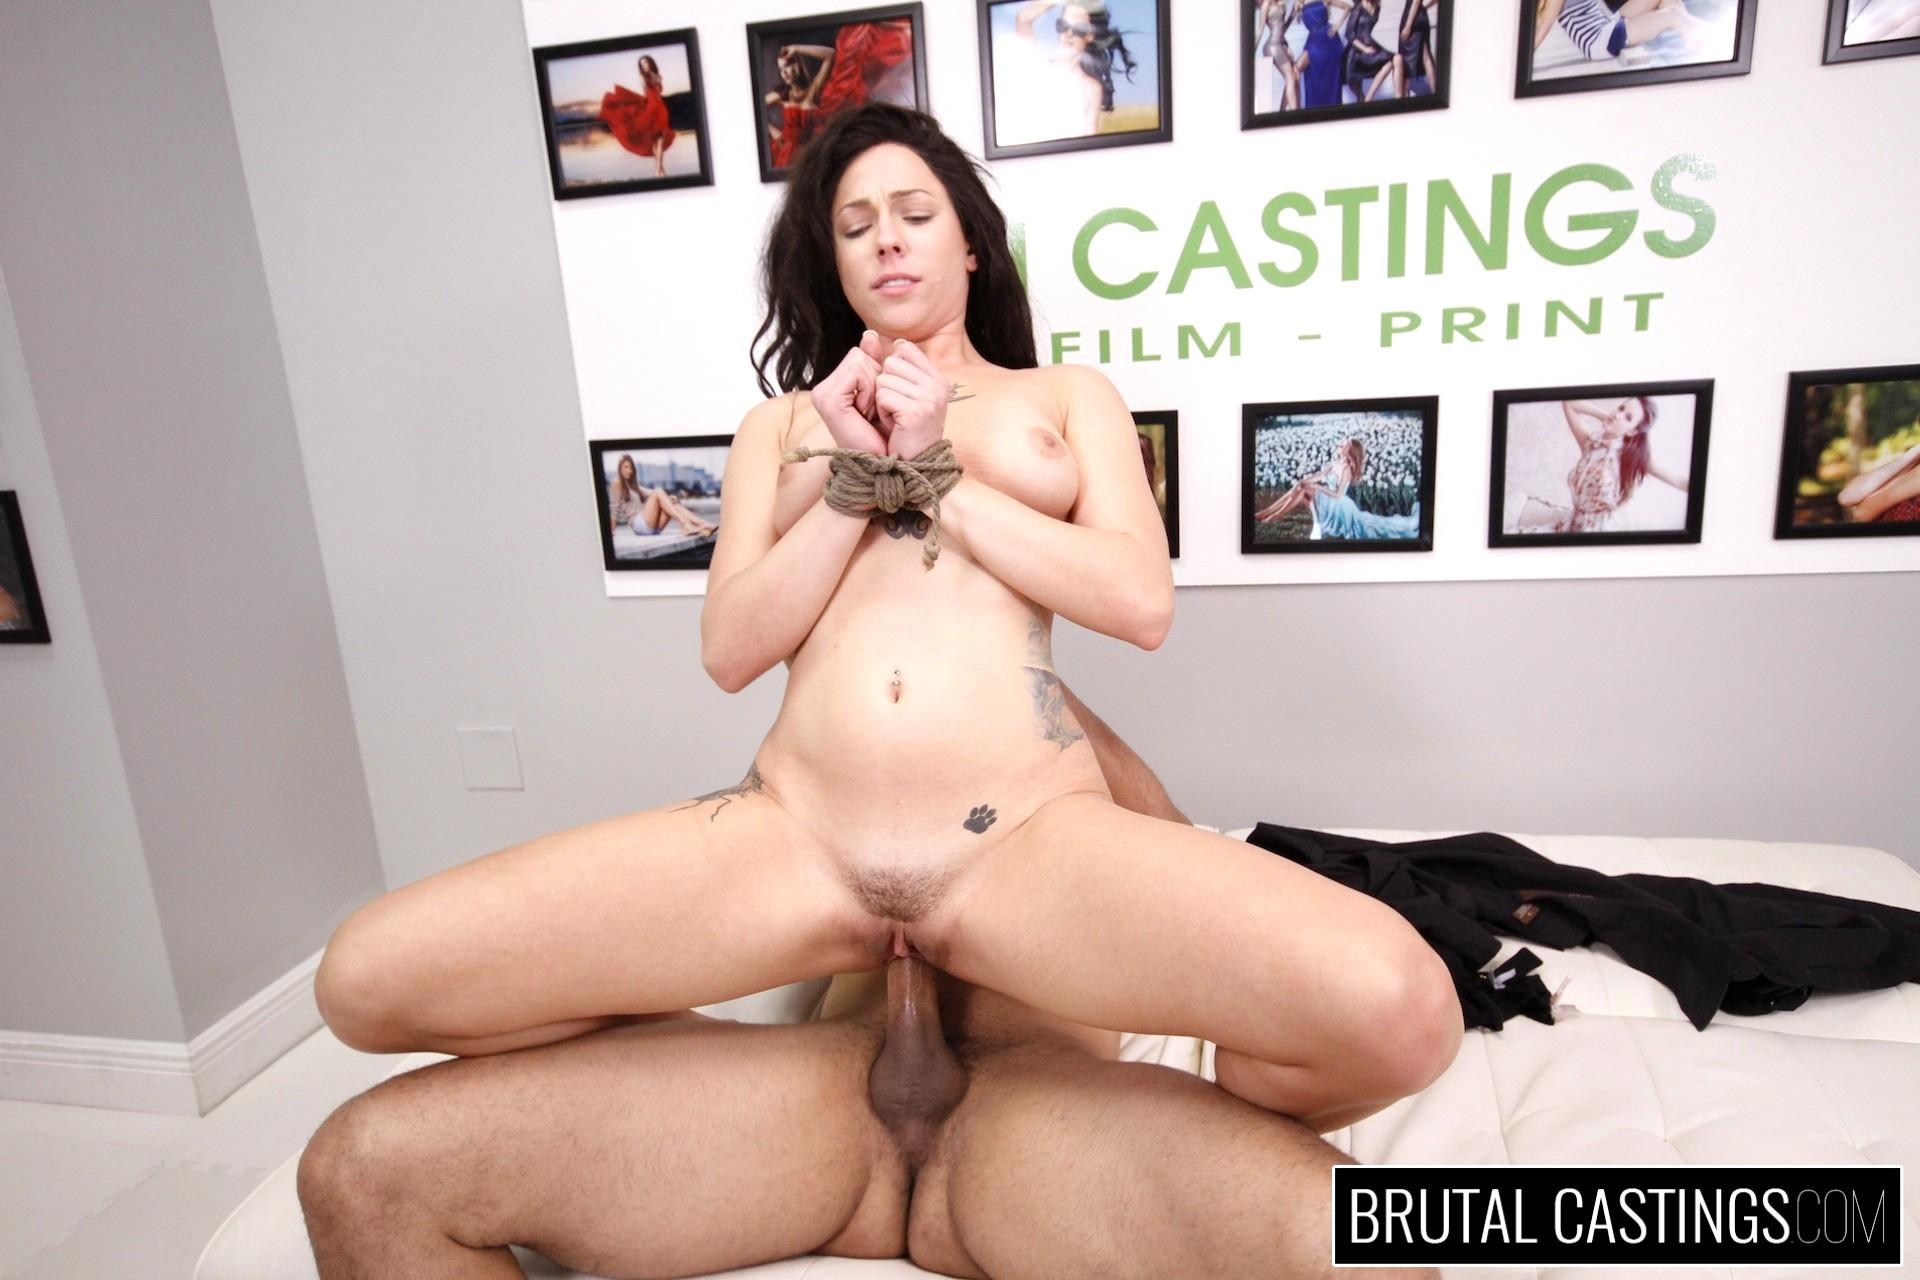 Fetishnetwork harlow harrison bdsm sex casting 3